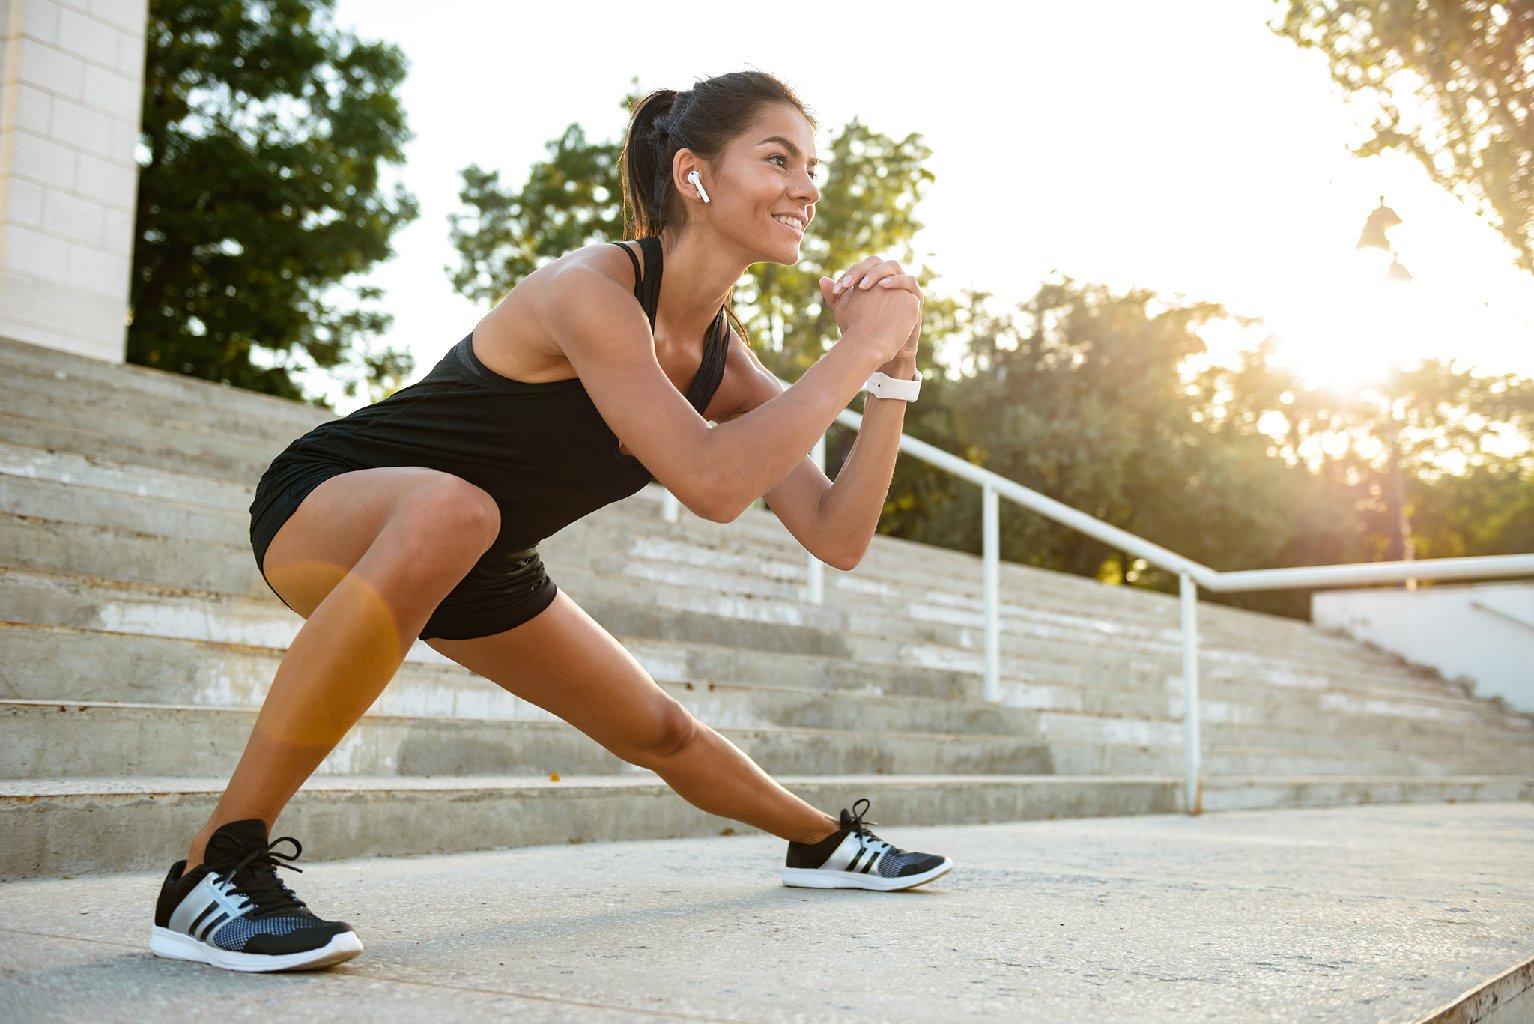 El Colegio Oficial de Podólogos de la Región de Murcia ofrece una serie de recomendaciones para quienes retomen la práctica del running después de casi dos meses.